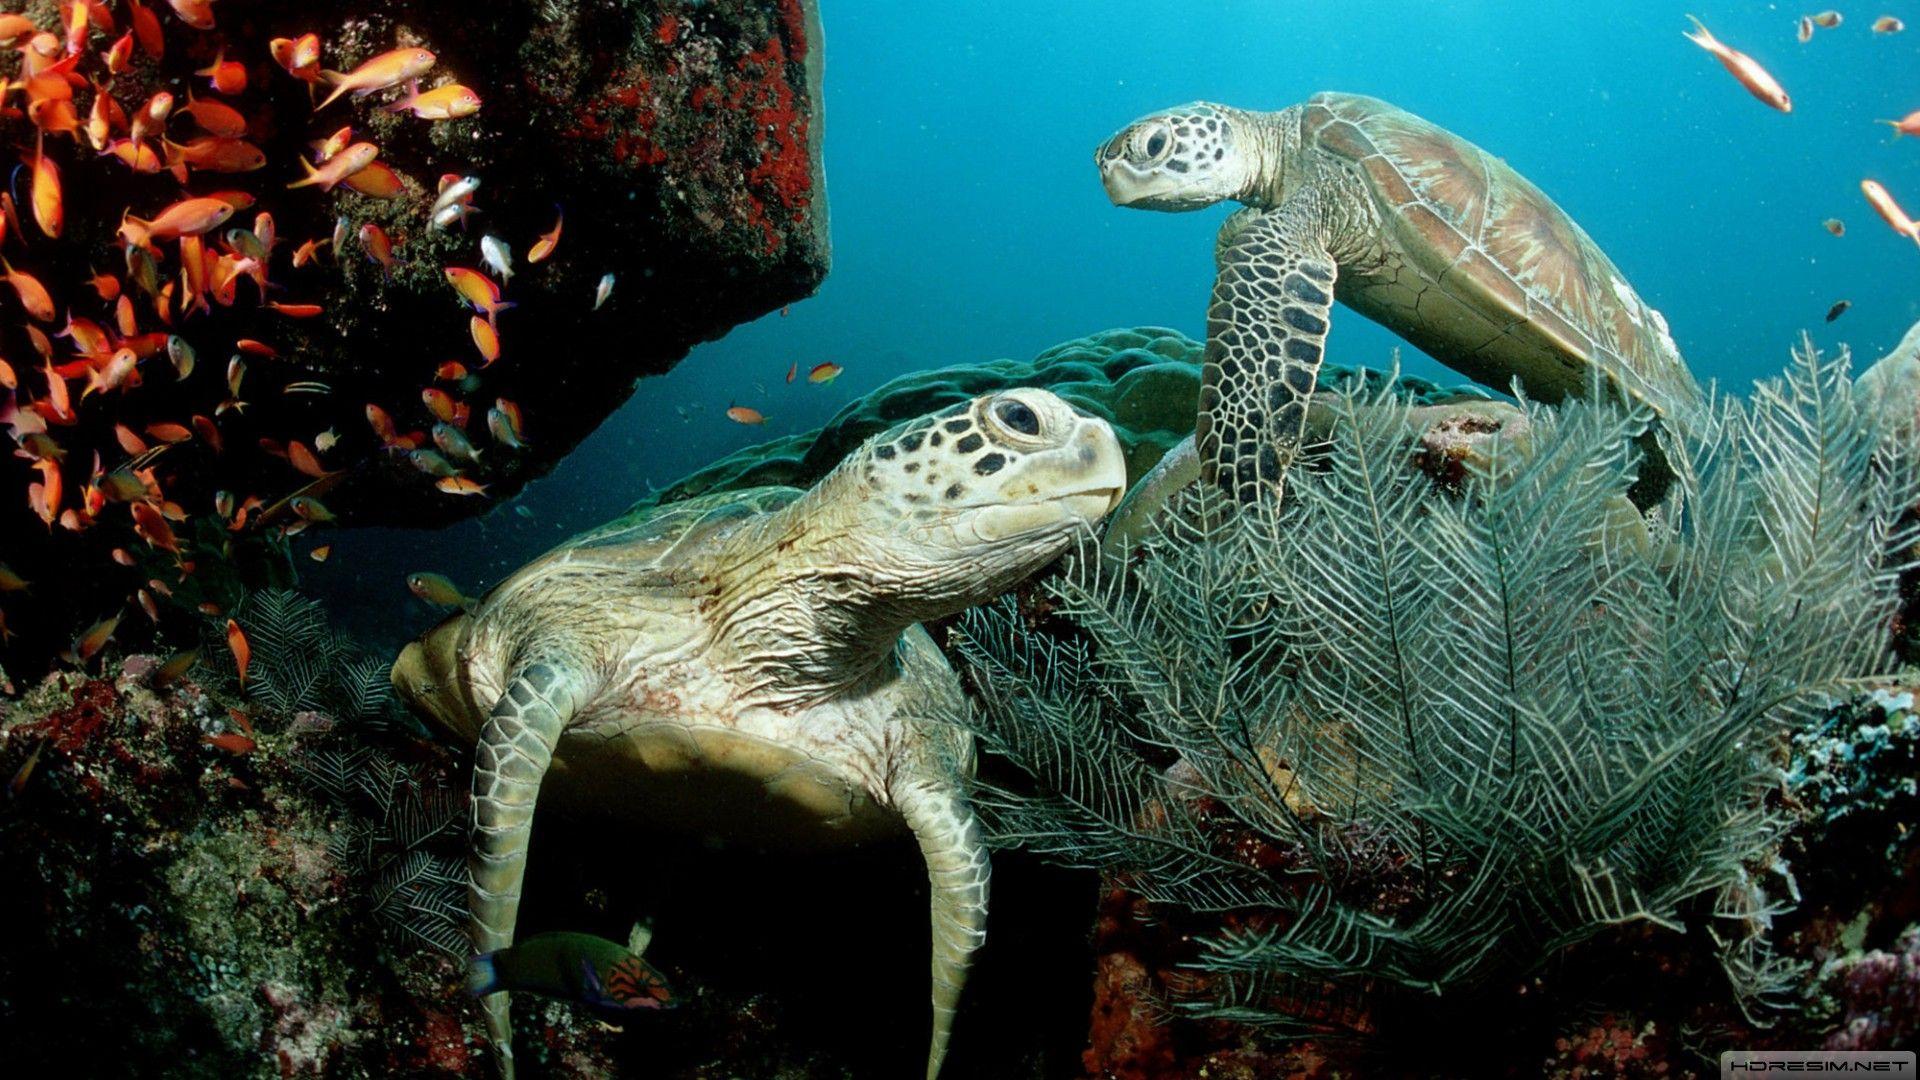 Turtle Under Water Photo